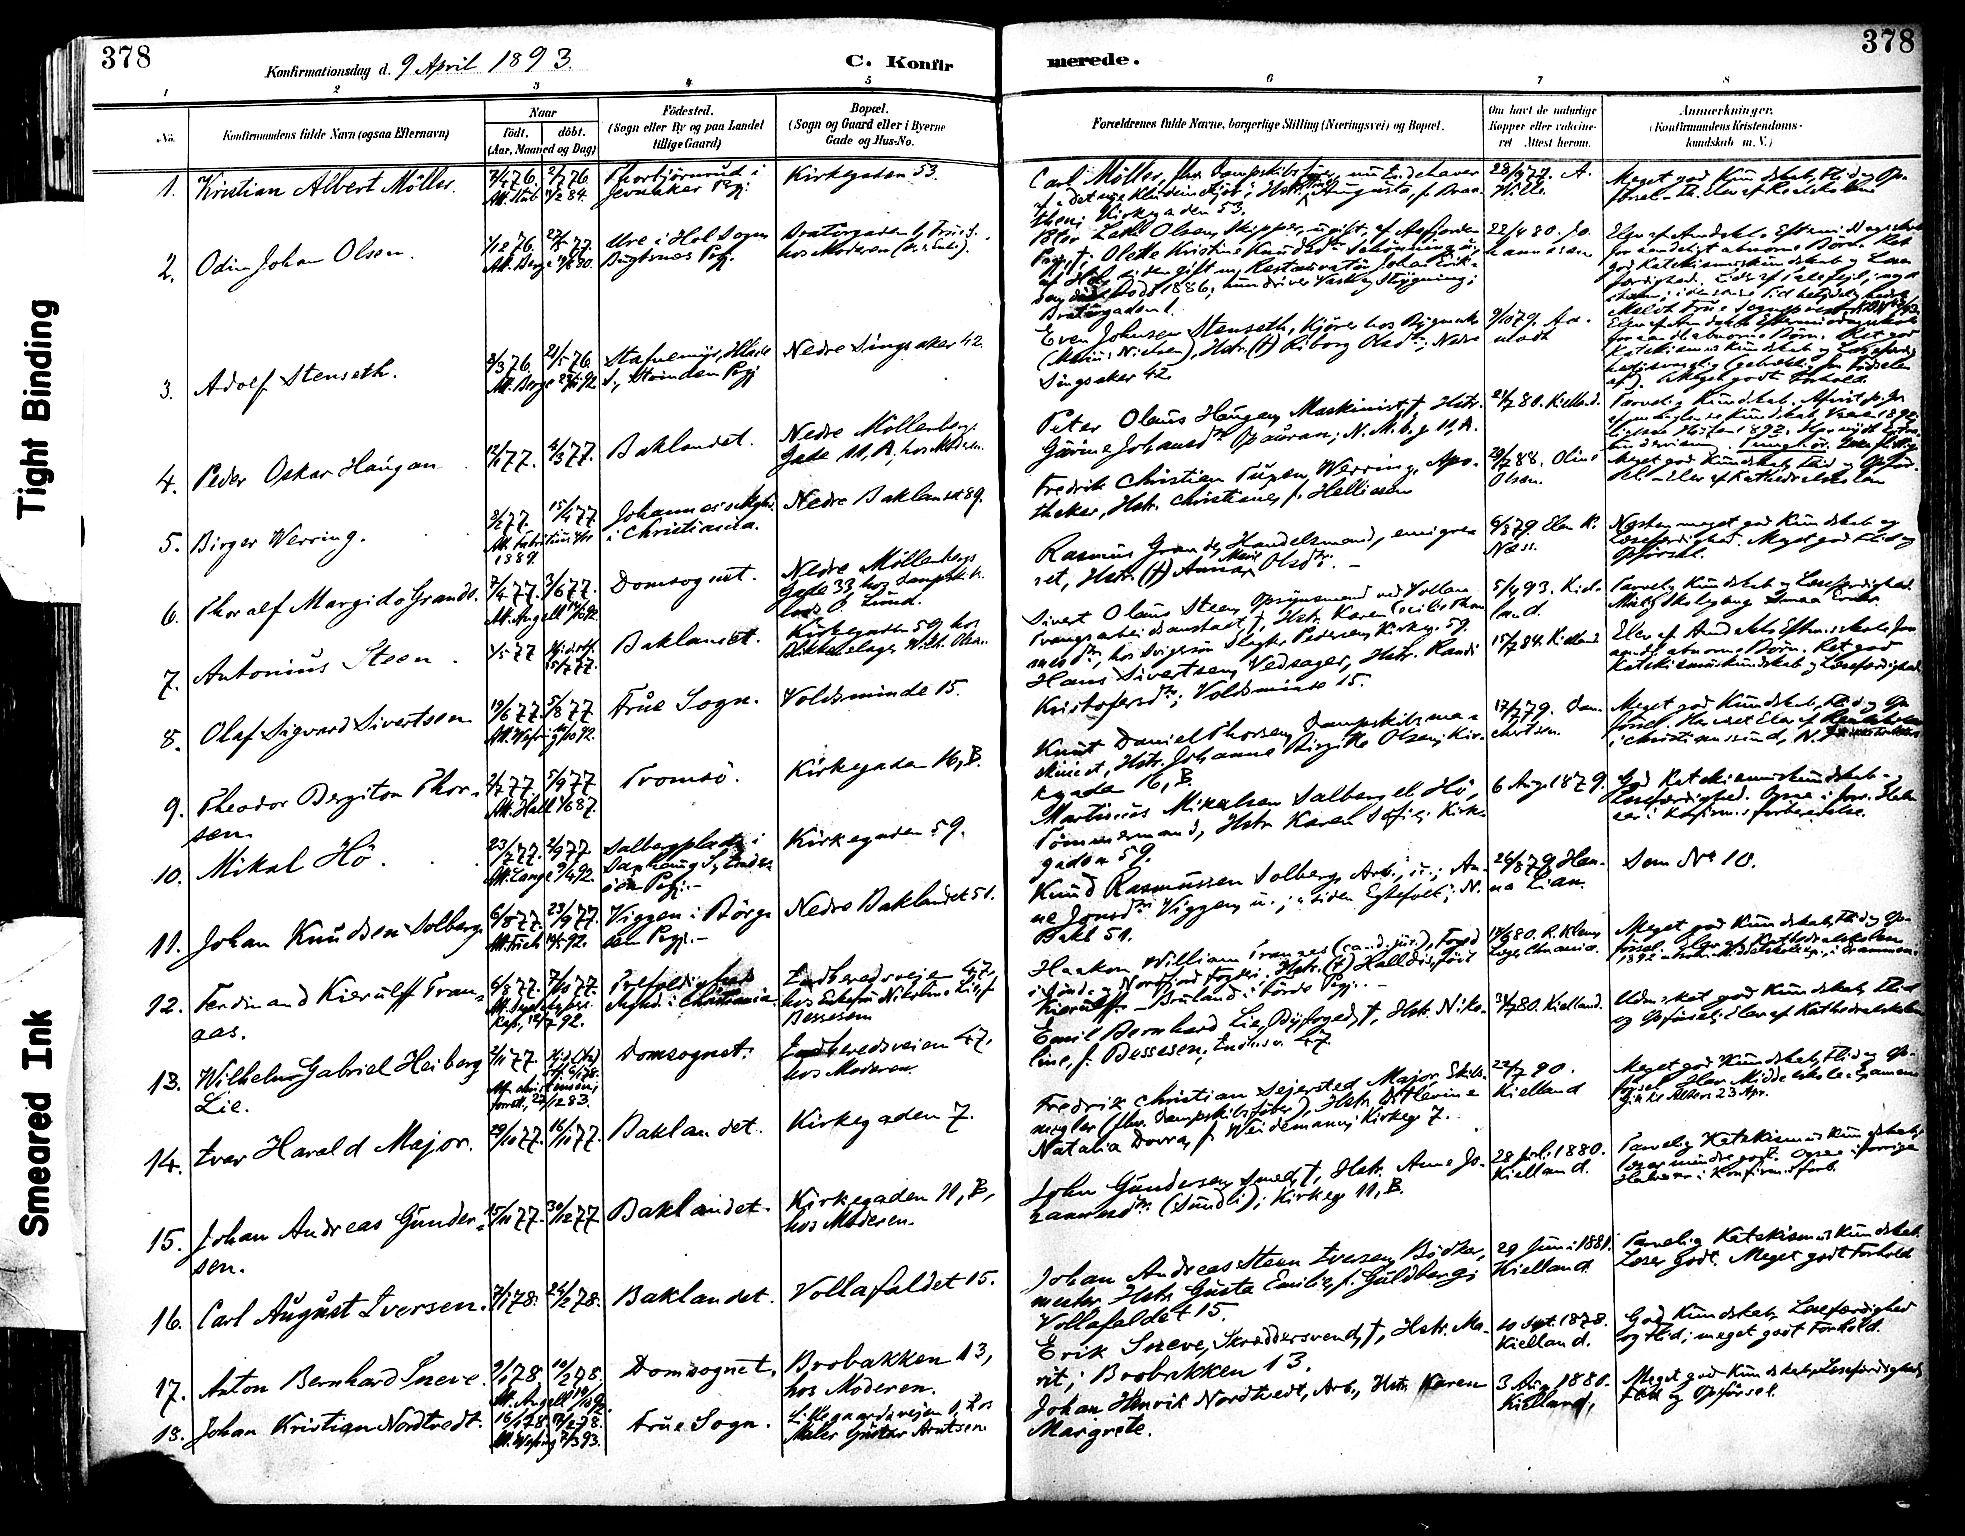 SAT, Ministerialprotokoller, klokkerbøker og fødselsregistre - Sør-Trøndelag, 604/L0197: Ministerialbok nr. 604A18, 1893-1900, s. 378